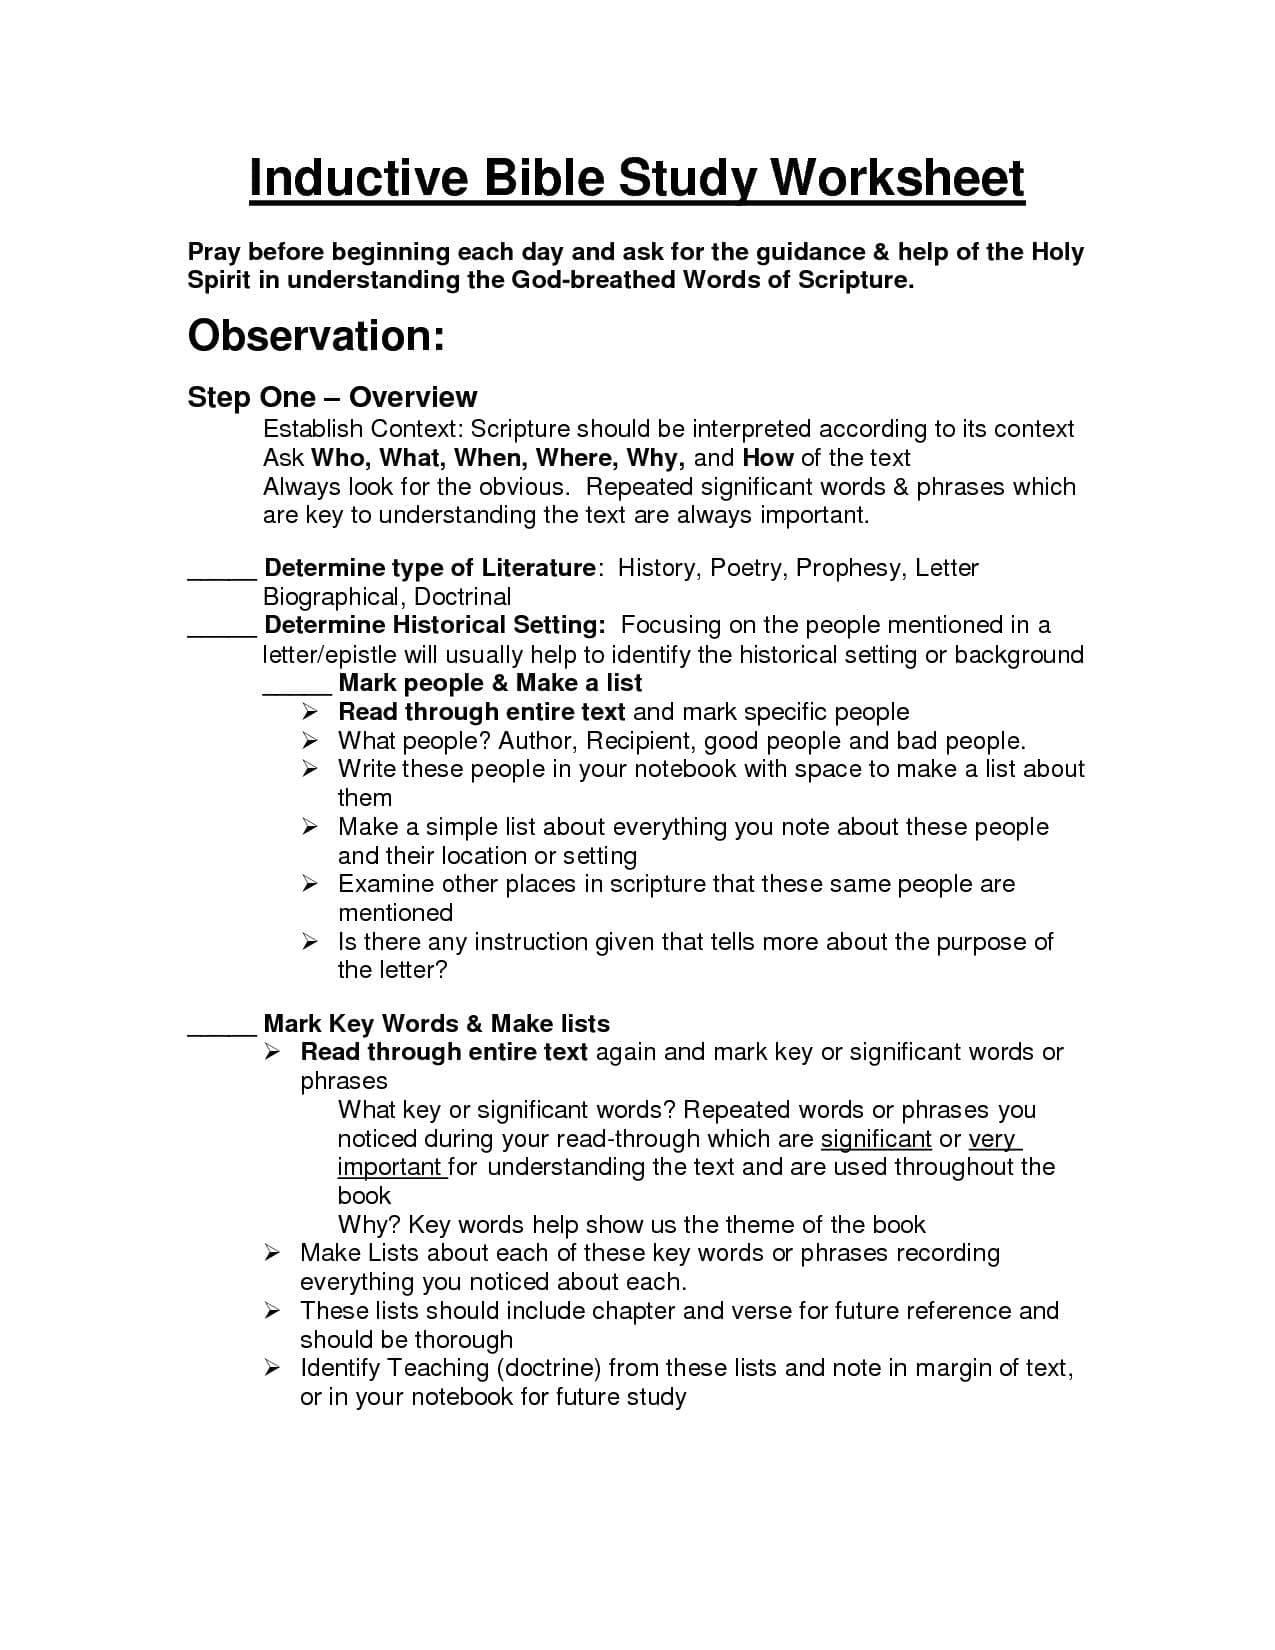 Printable Bible Study Worksheets For Adults Printable